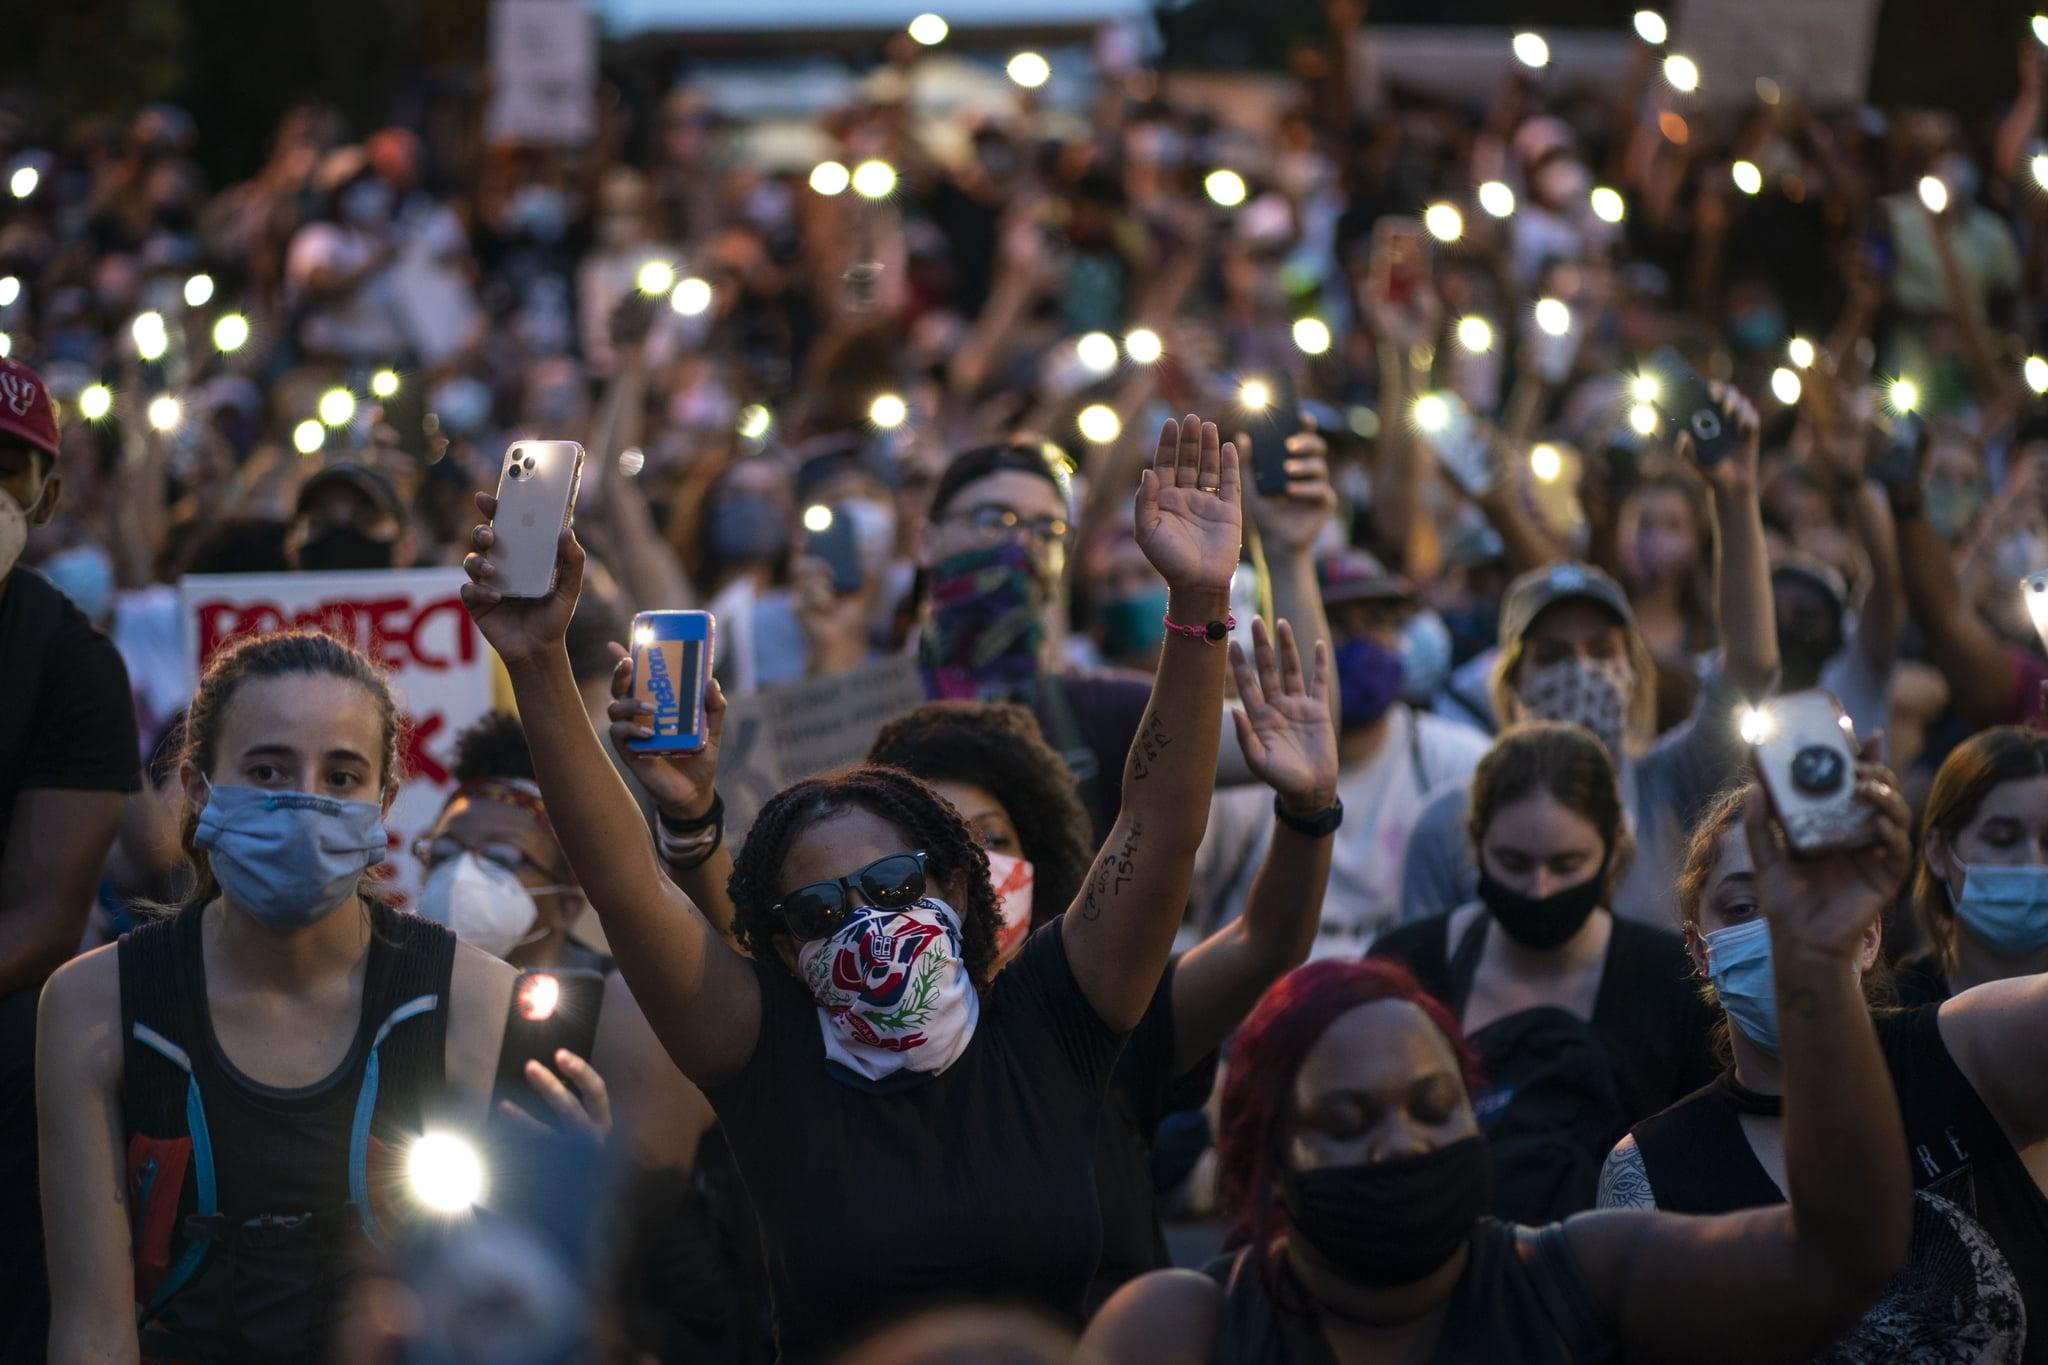 WASHINGTON, DC - JUNE 03: Demonstrators sing